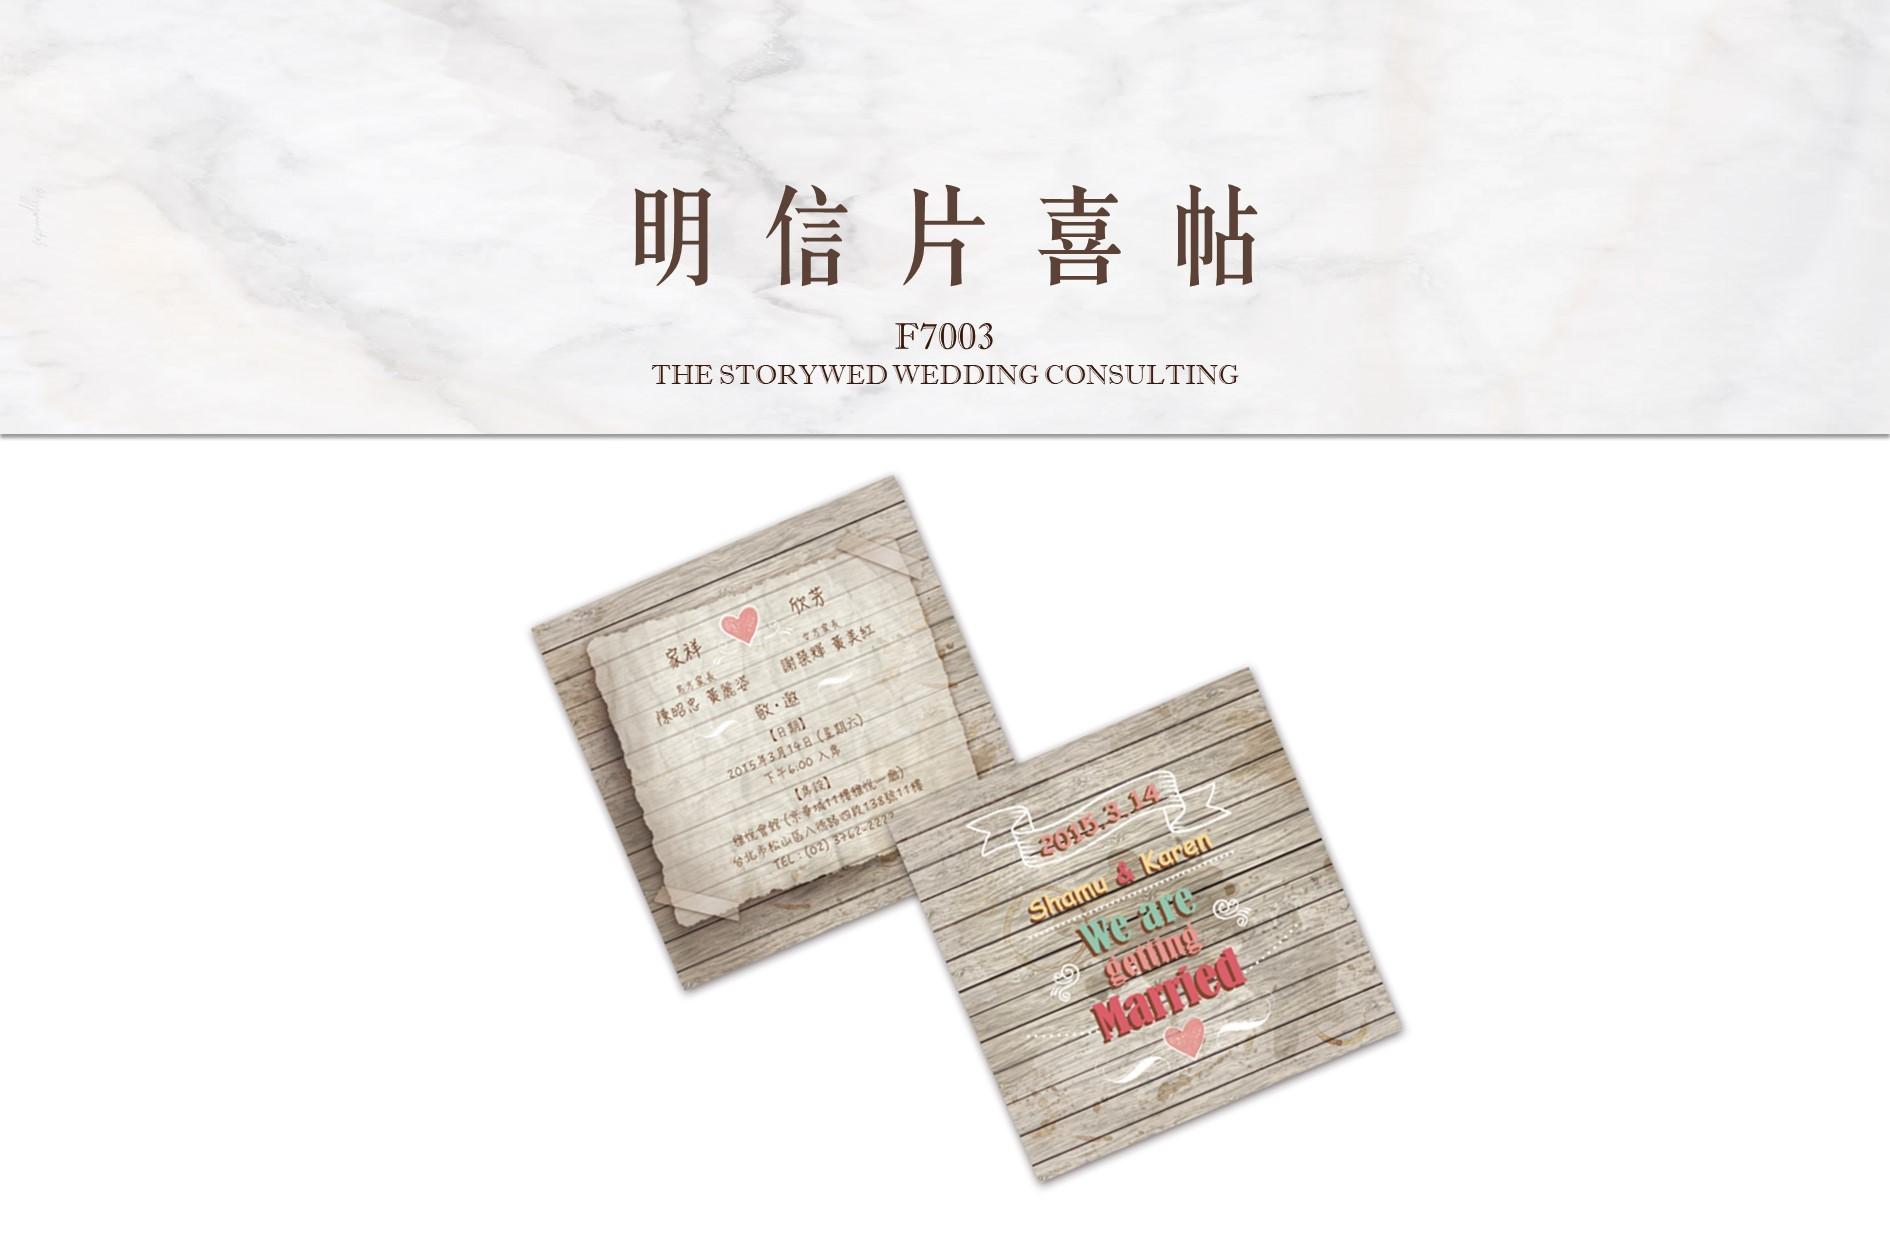 〖婚卡喜帖〗明信片喜帖 F7003